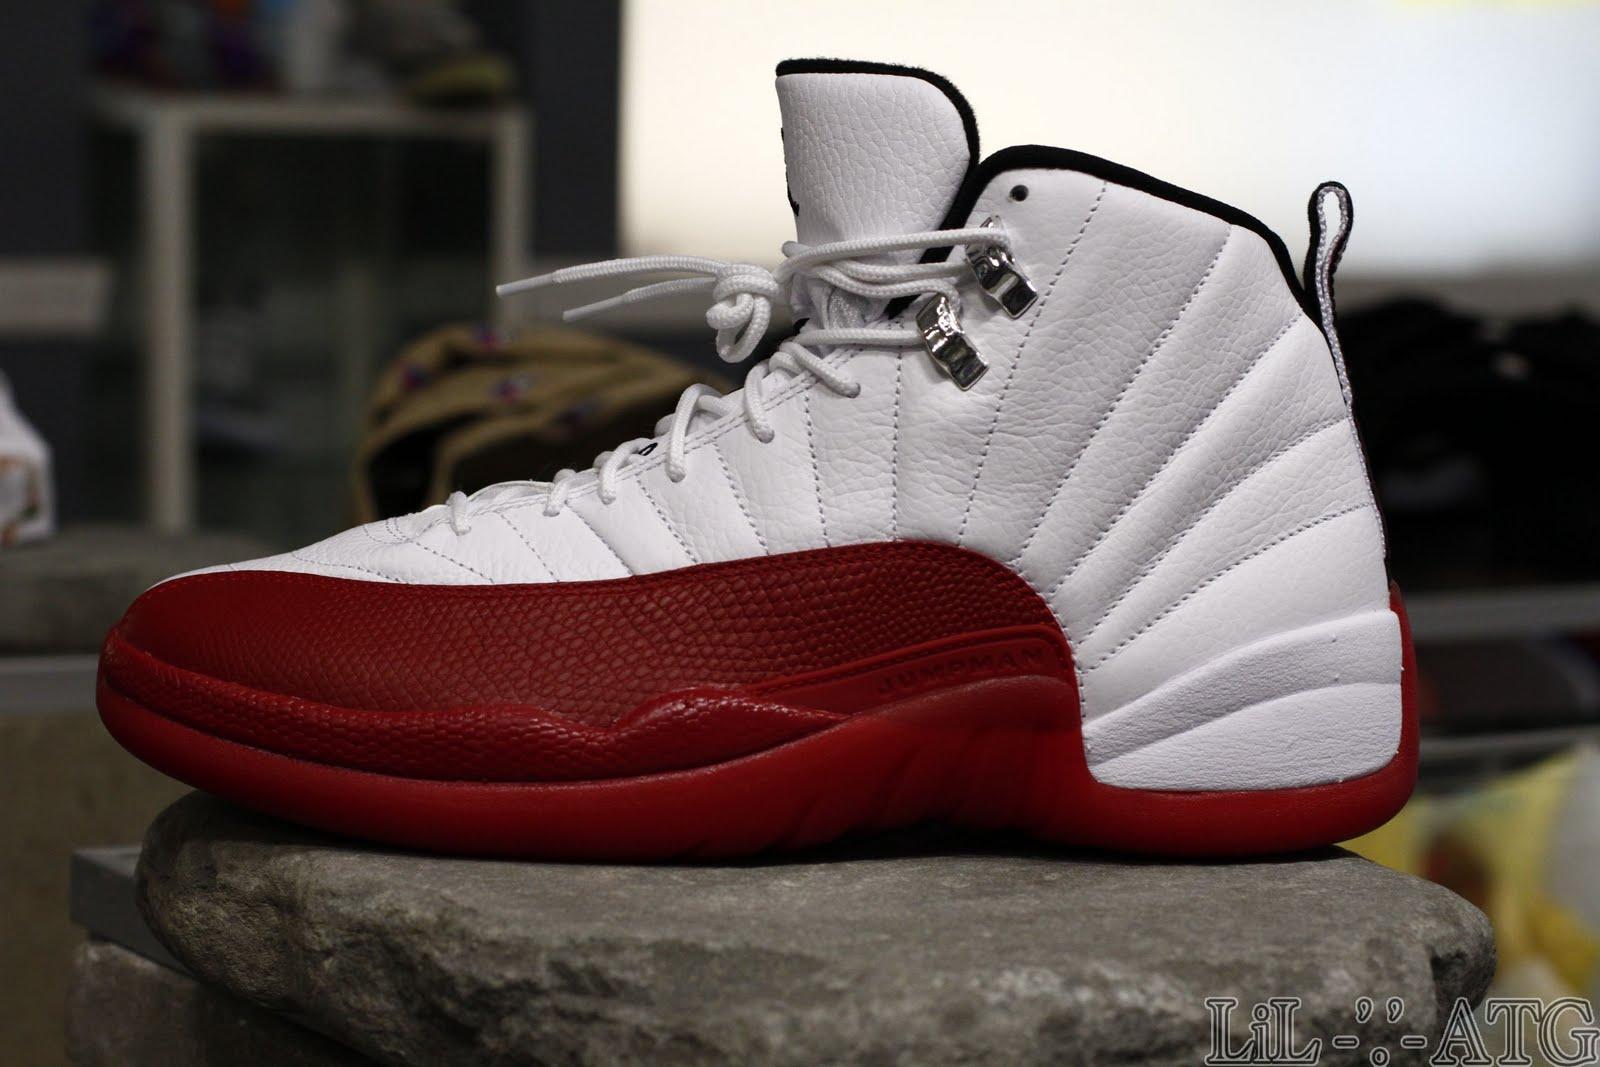 1 5 Size 13 2 Jordan 2 12 Or